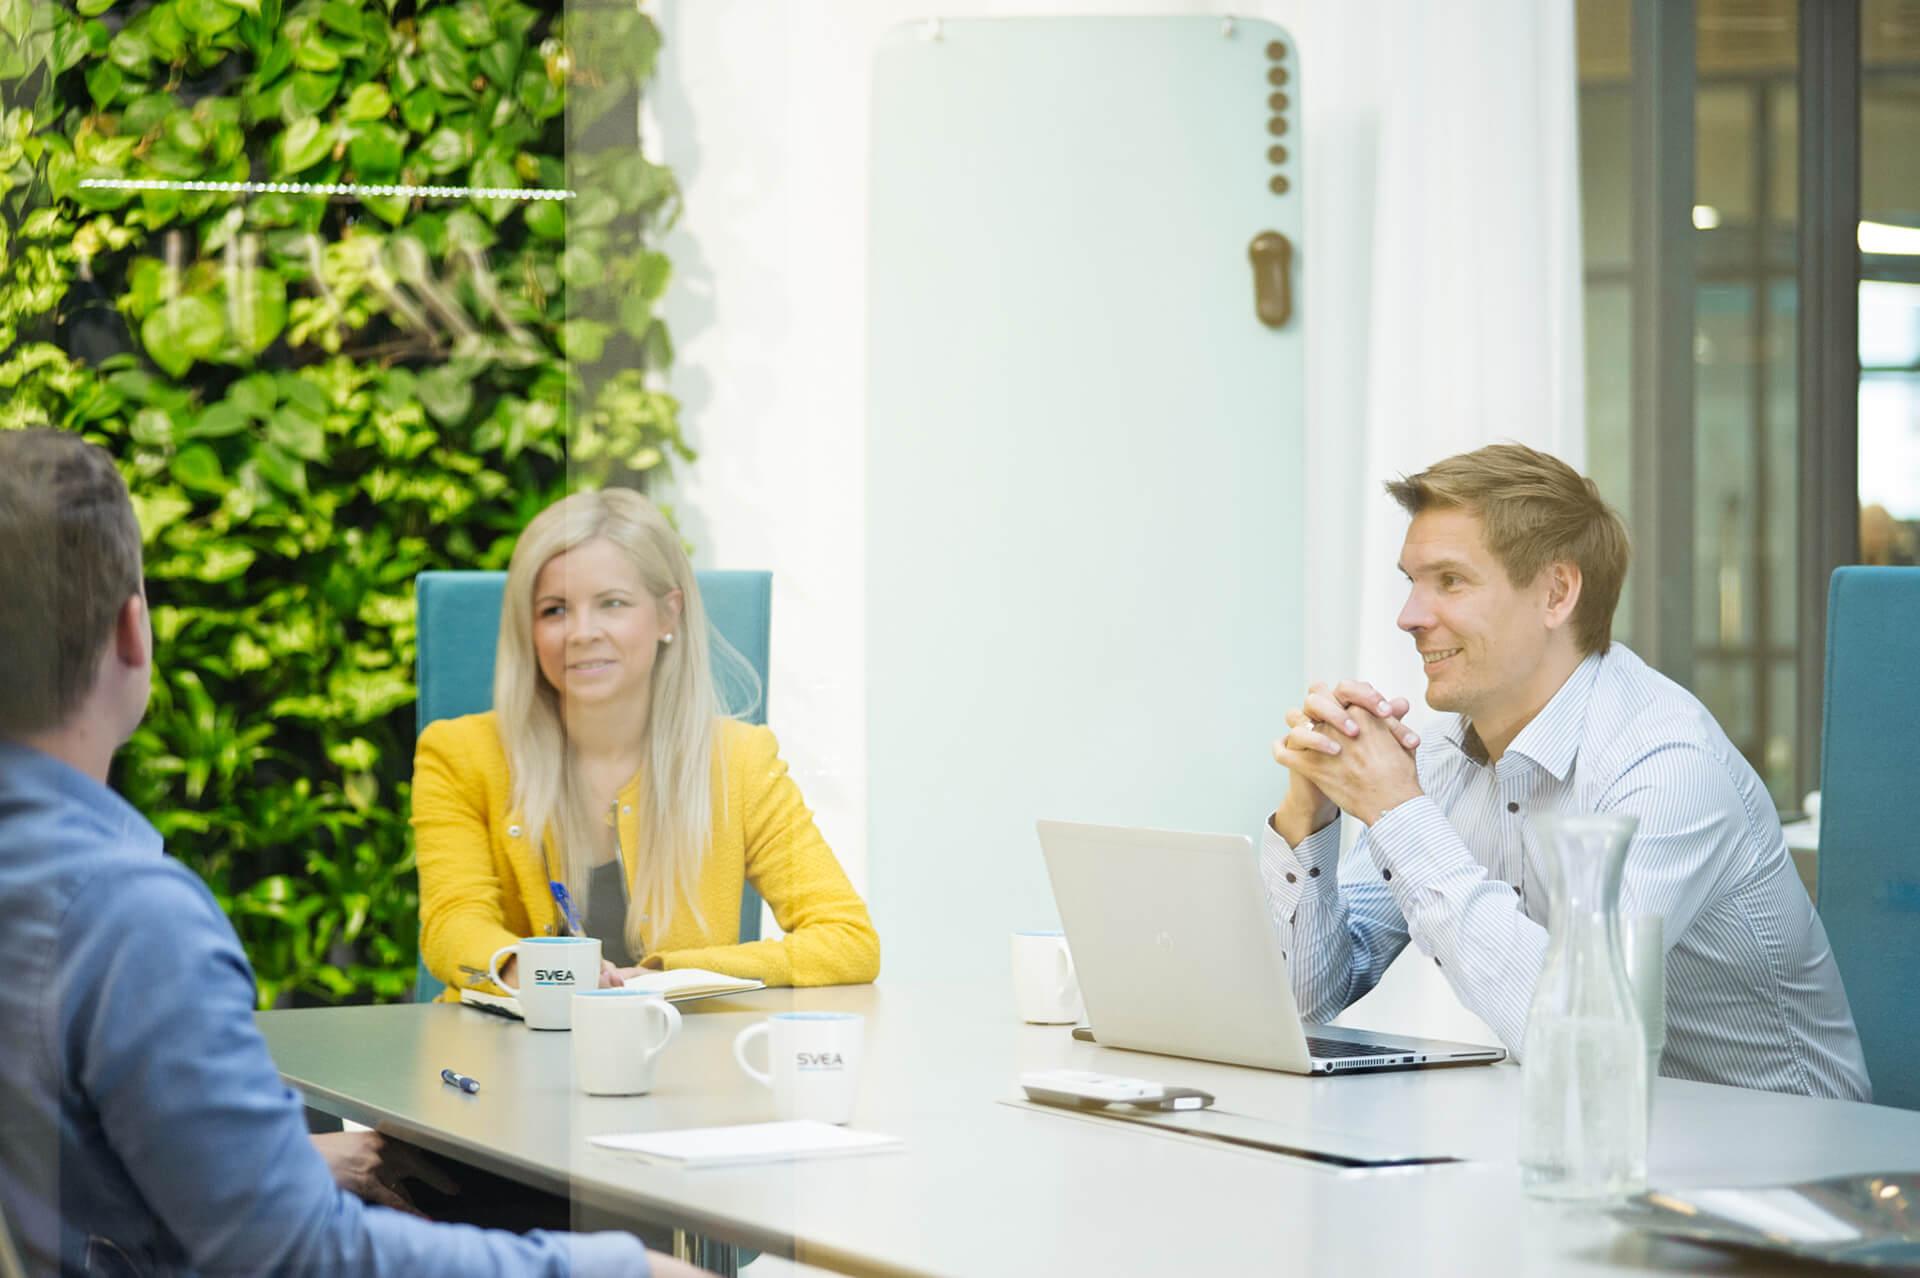 svea-ekonomi-meeting-room-naava-one